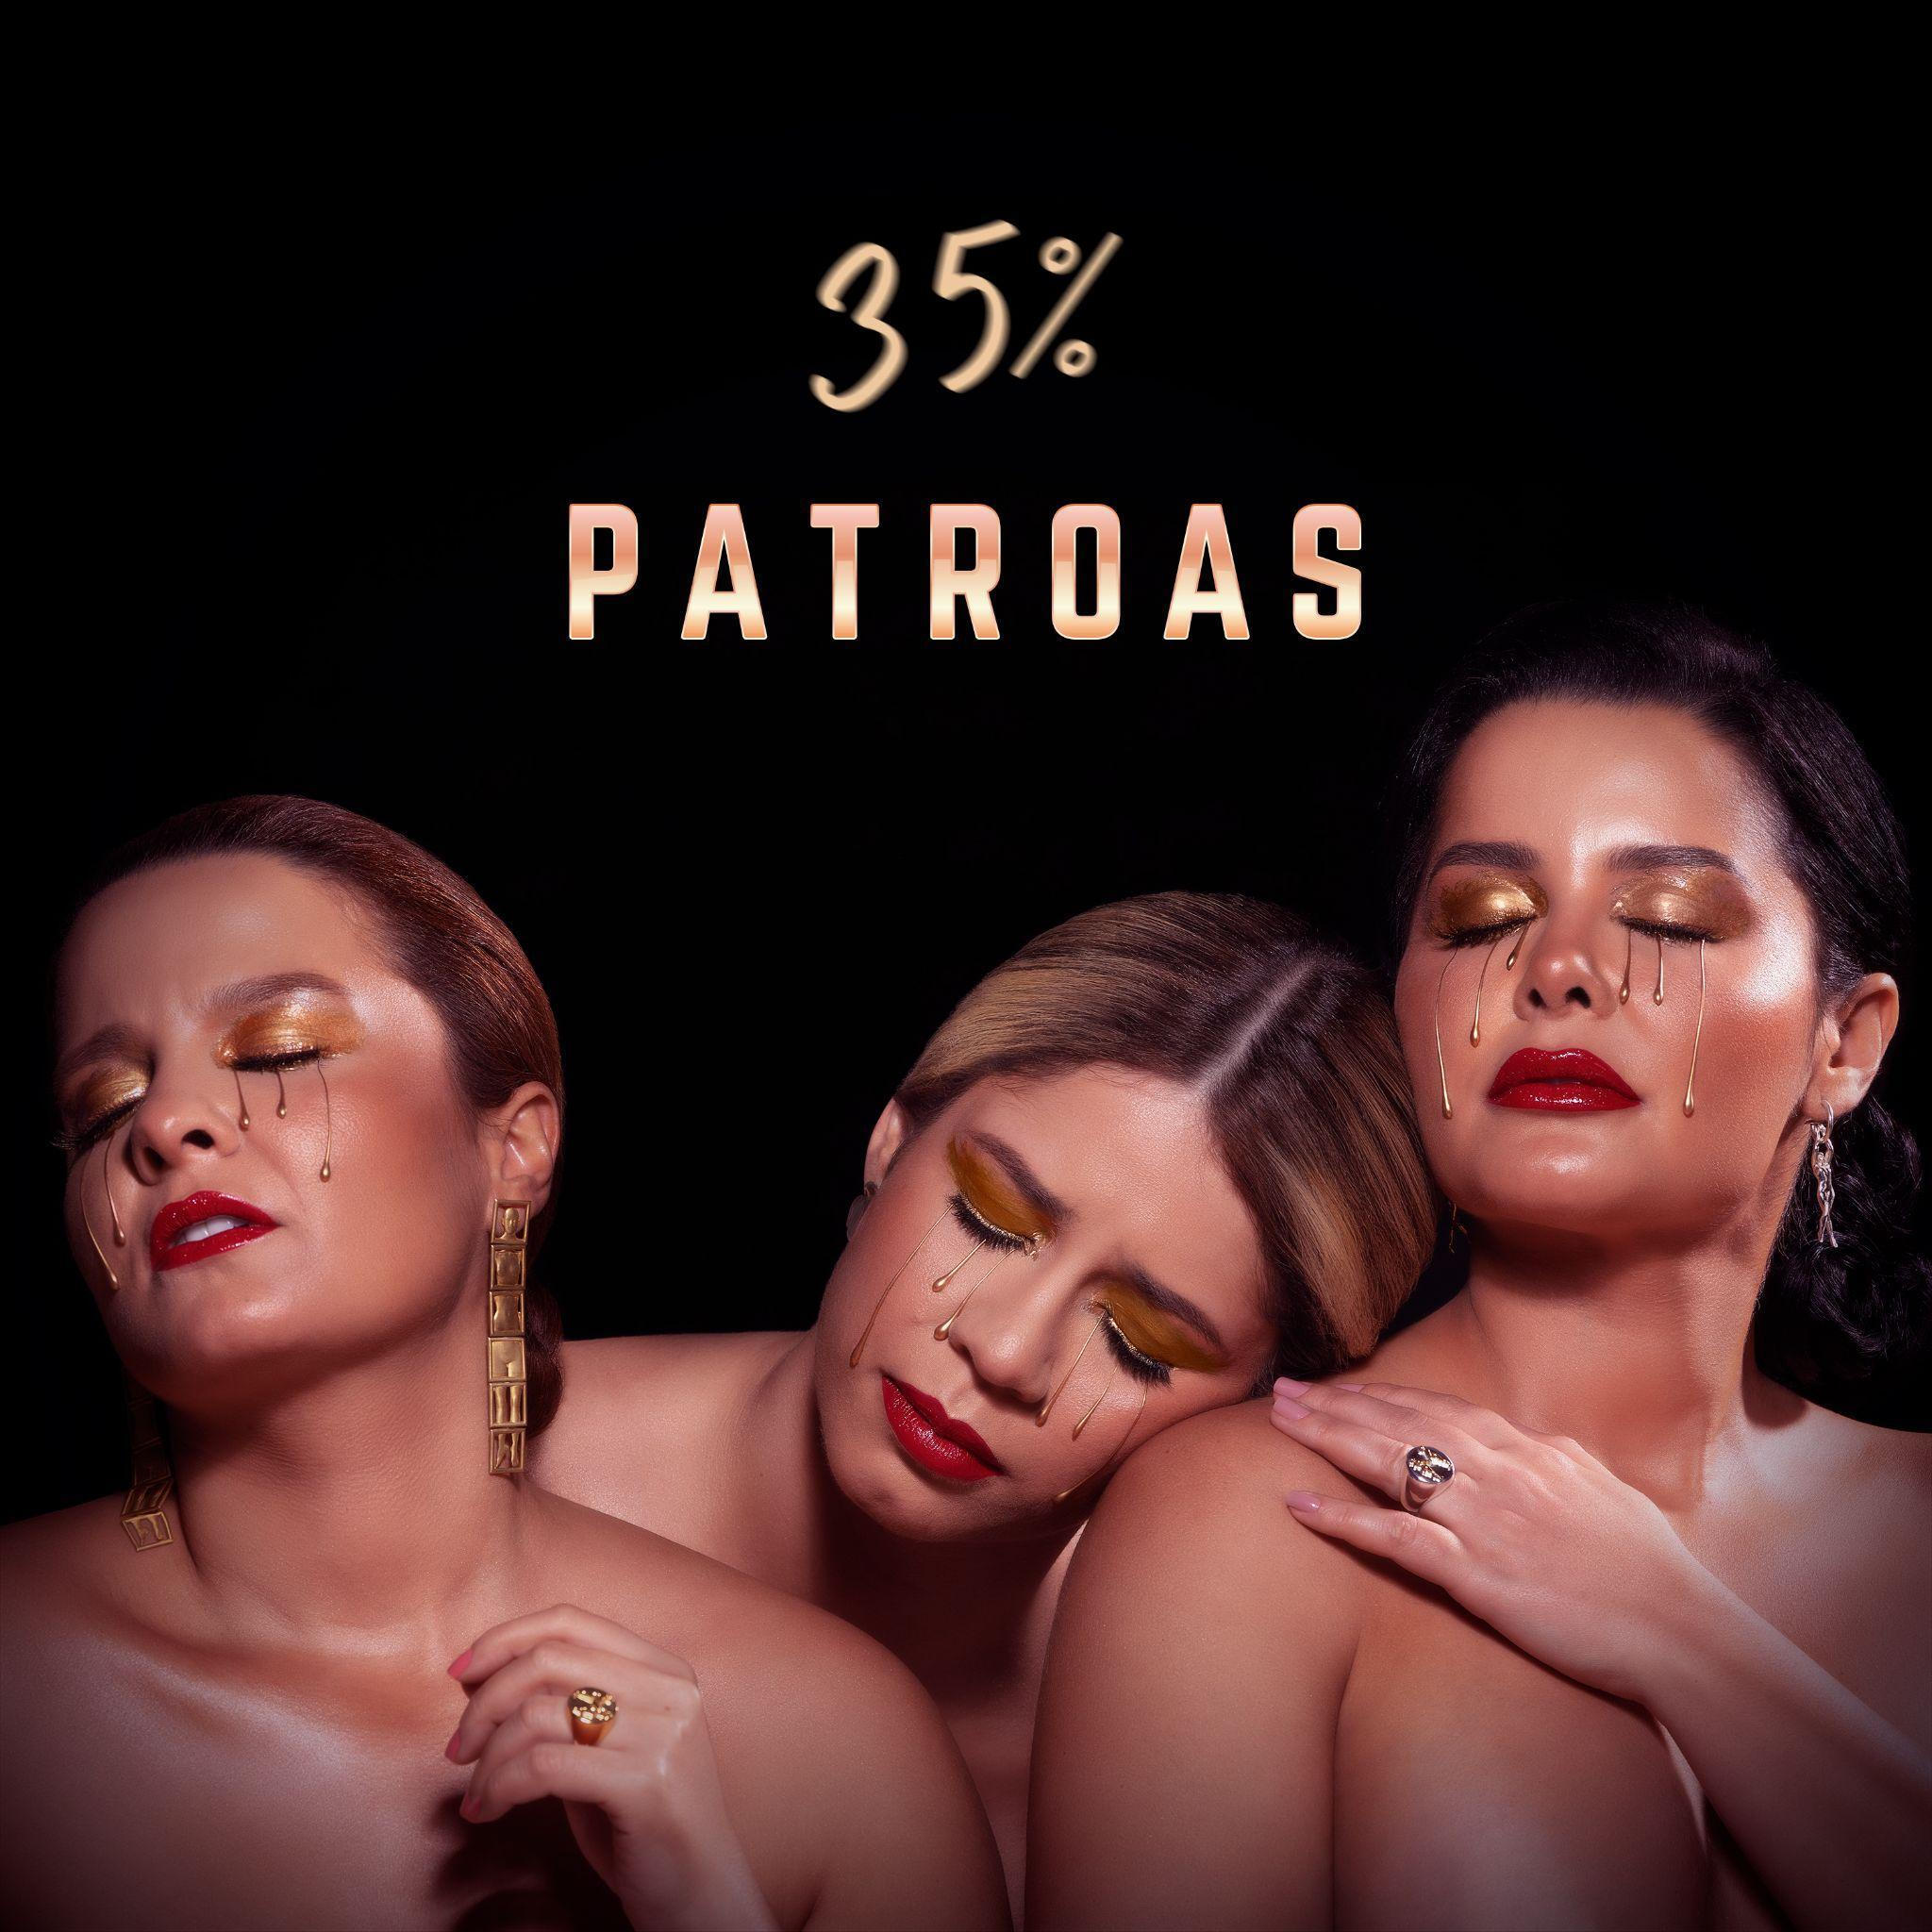 """Marília Mendonça e Maiara & Maraisa anunciam pre-save de álbum completo """"Patroas 35%"""" 41"""